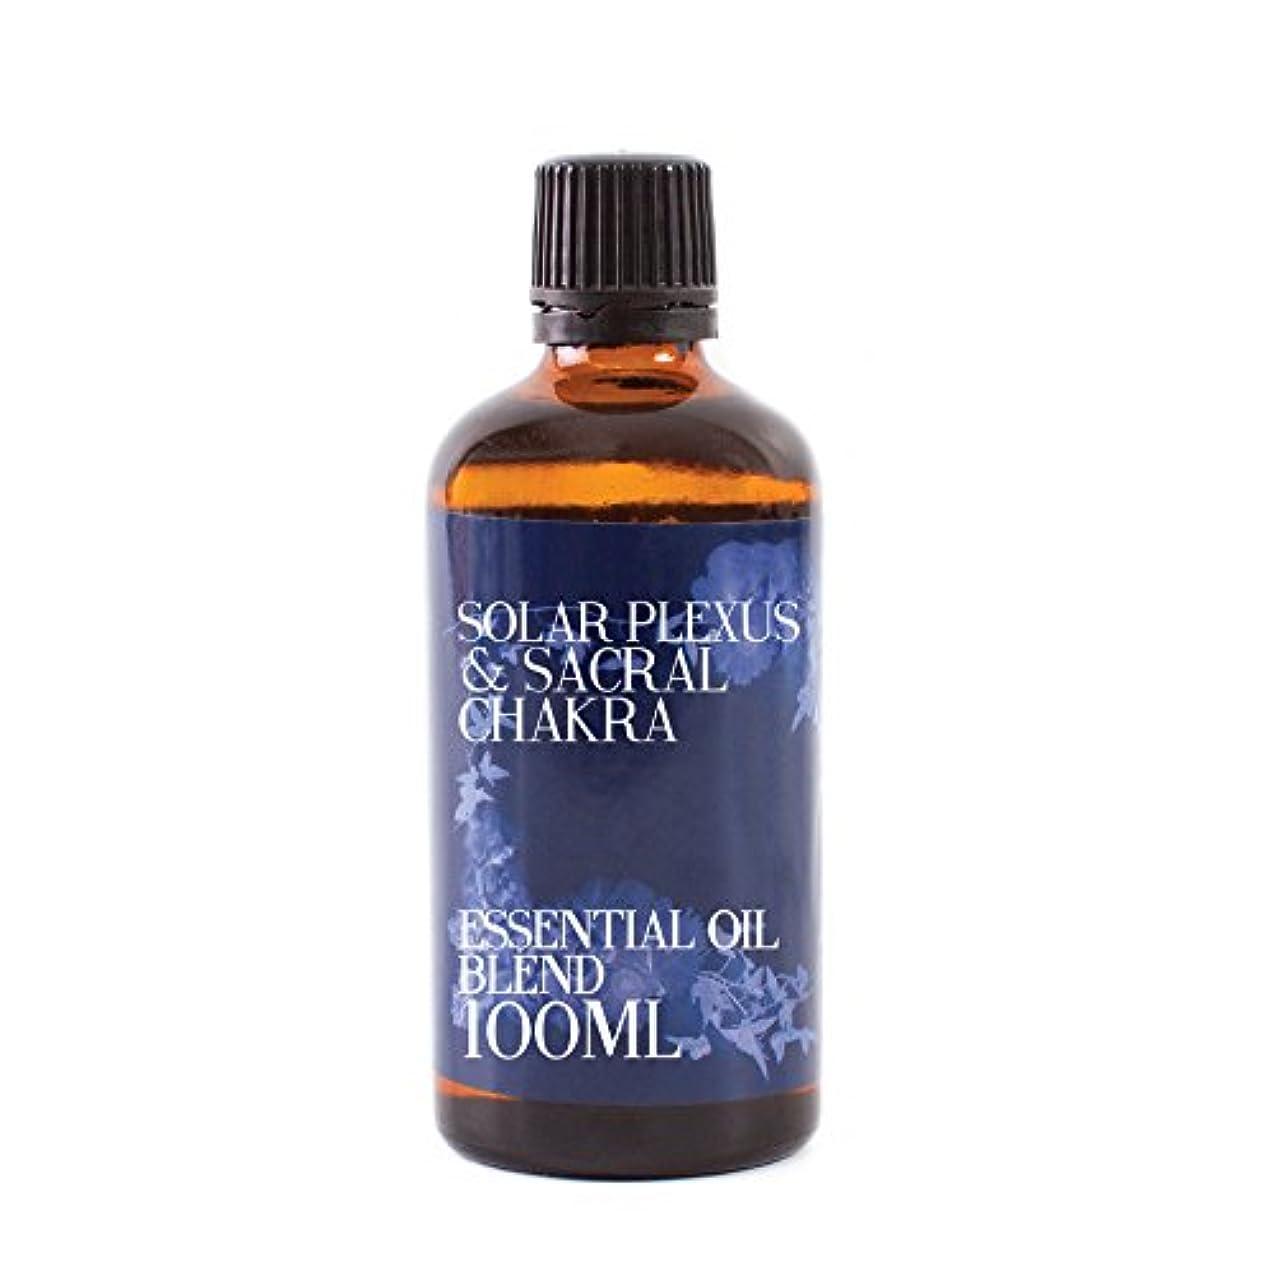 泥棒寝室を掃除するインシデントMystic Moments | Sacral Solar Plexus Chakra | Essential Oil Blend - 100ml